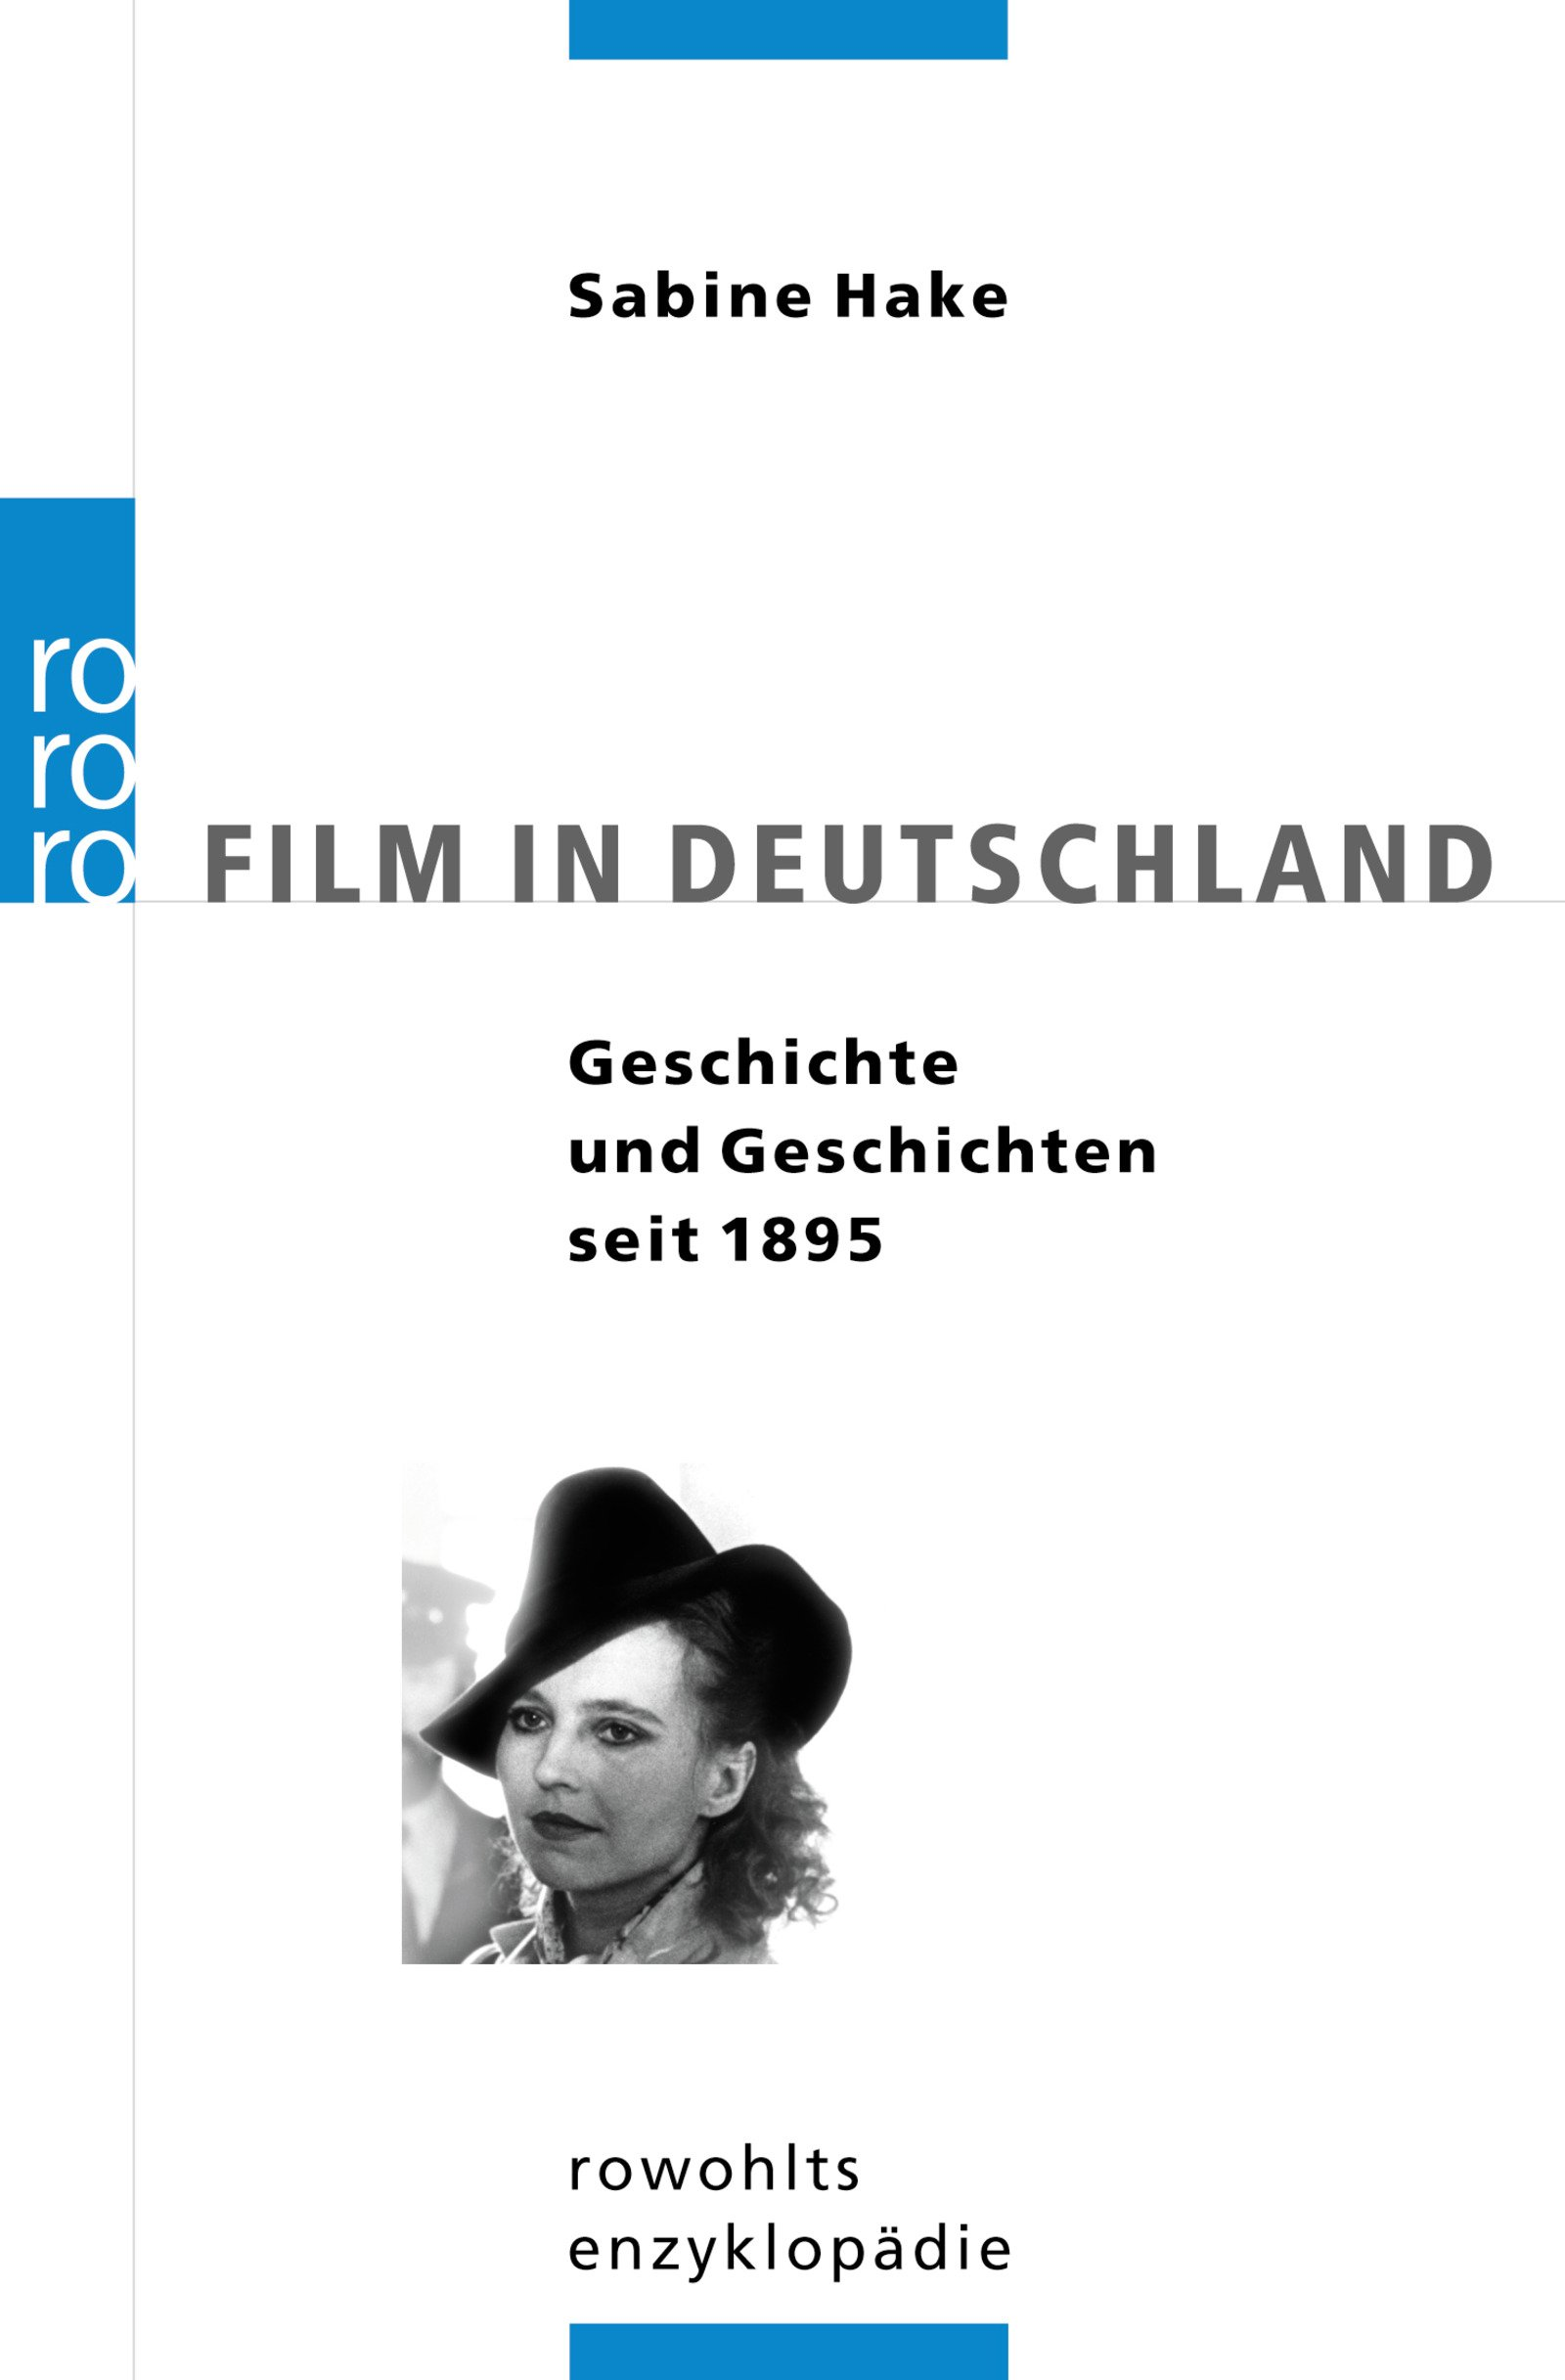 Film in Deutschland: Geschichte und Geschichten seit 1895